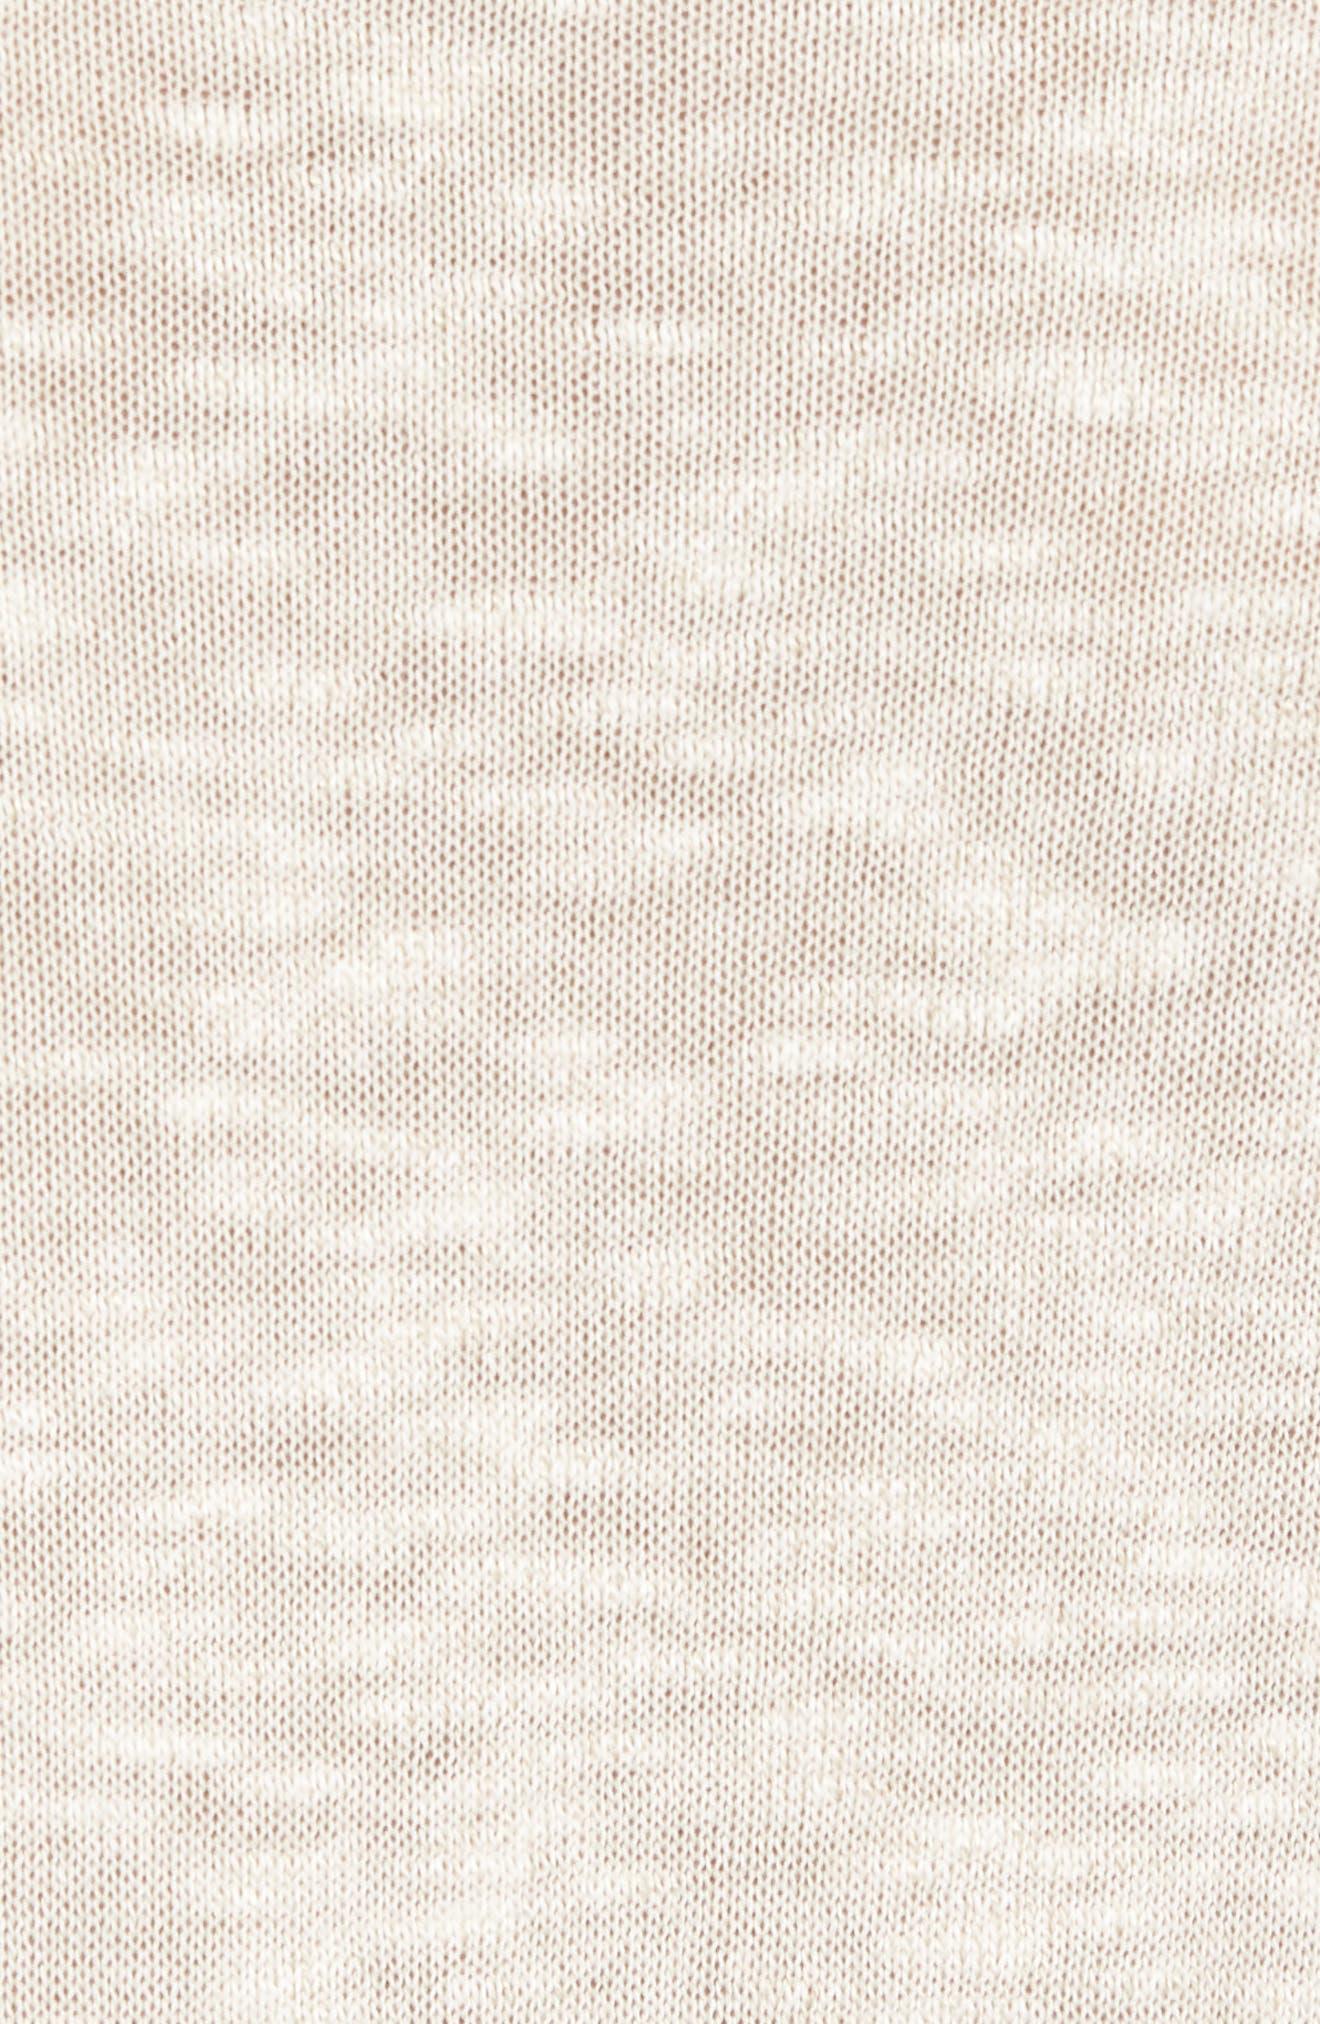 Slim Fit Cotton Blend Sweater,                             Alternate thumbnail 5, color,                             072